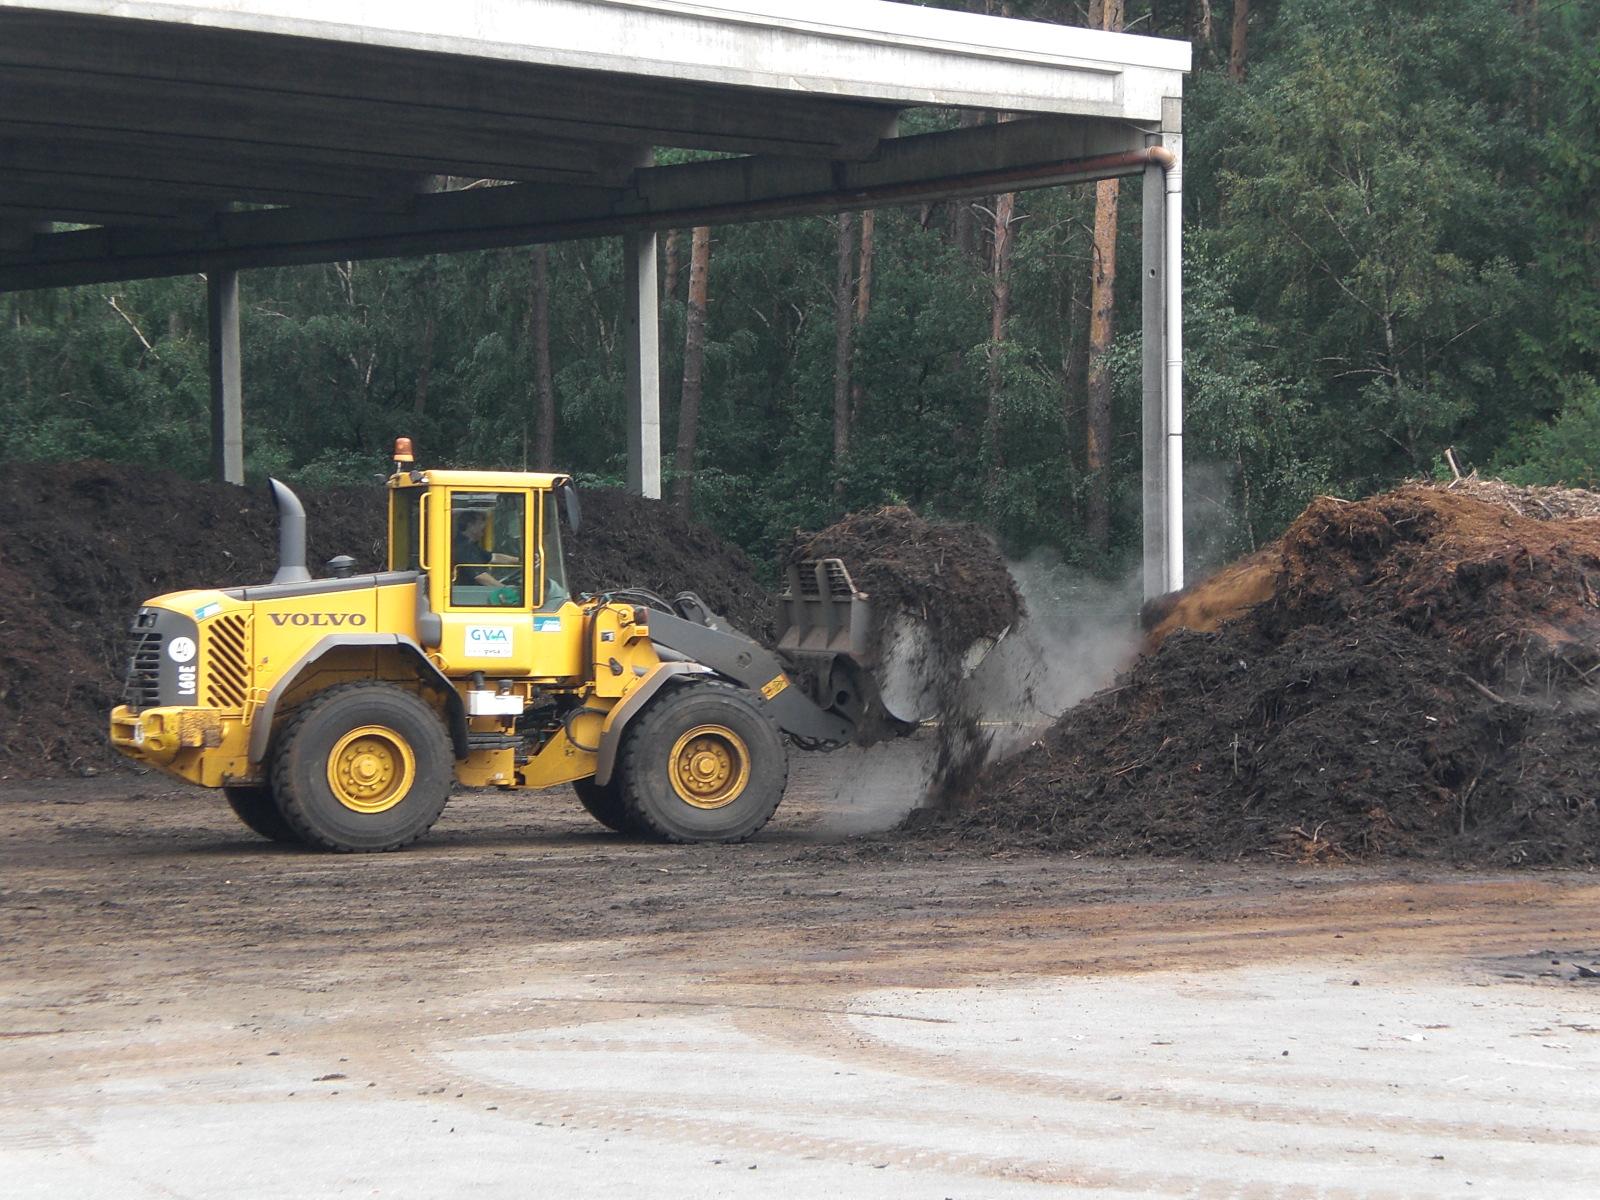 ein Radlader setzt einen großen Haufen Kompost um